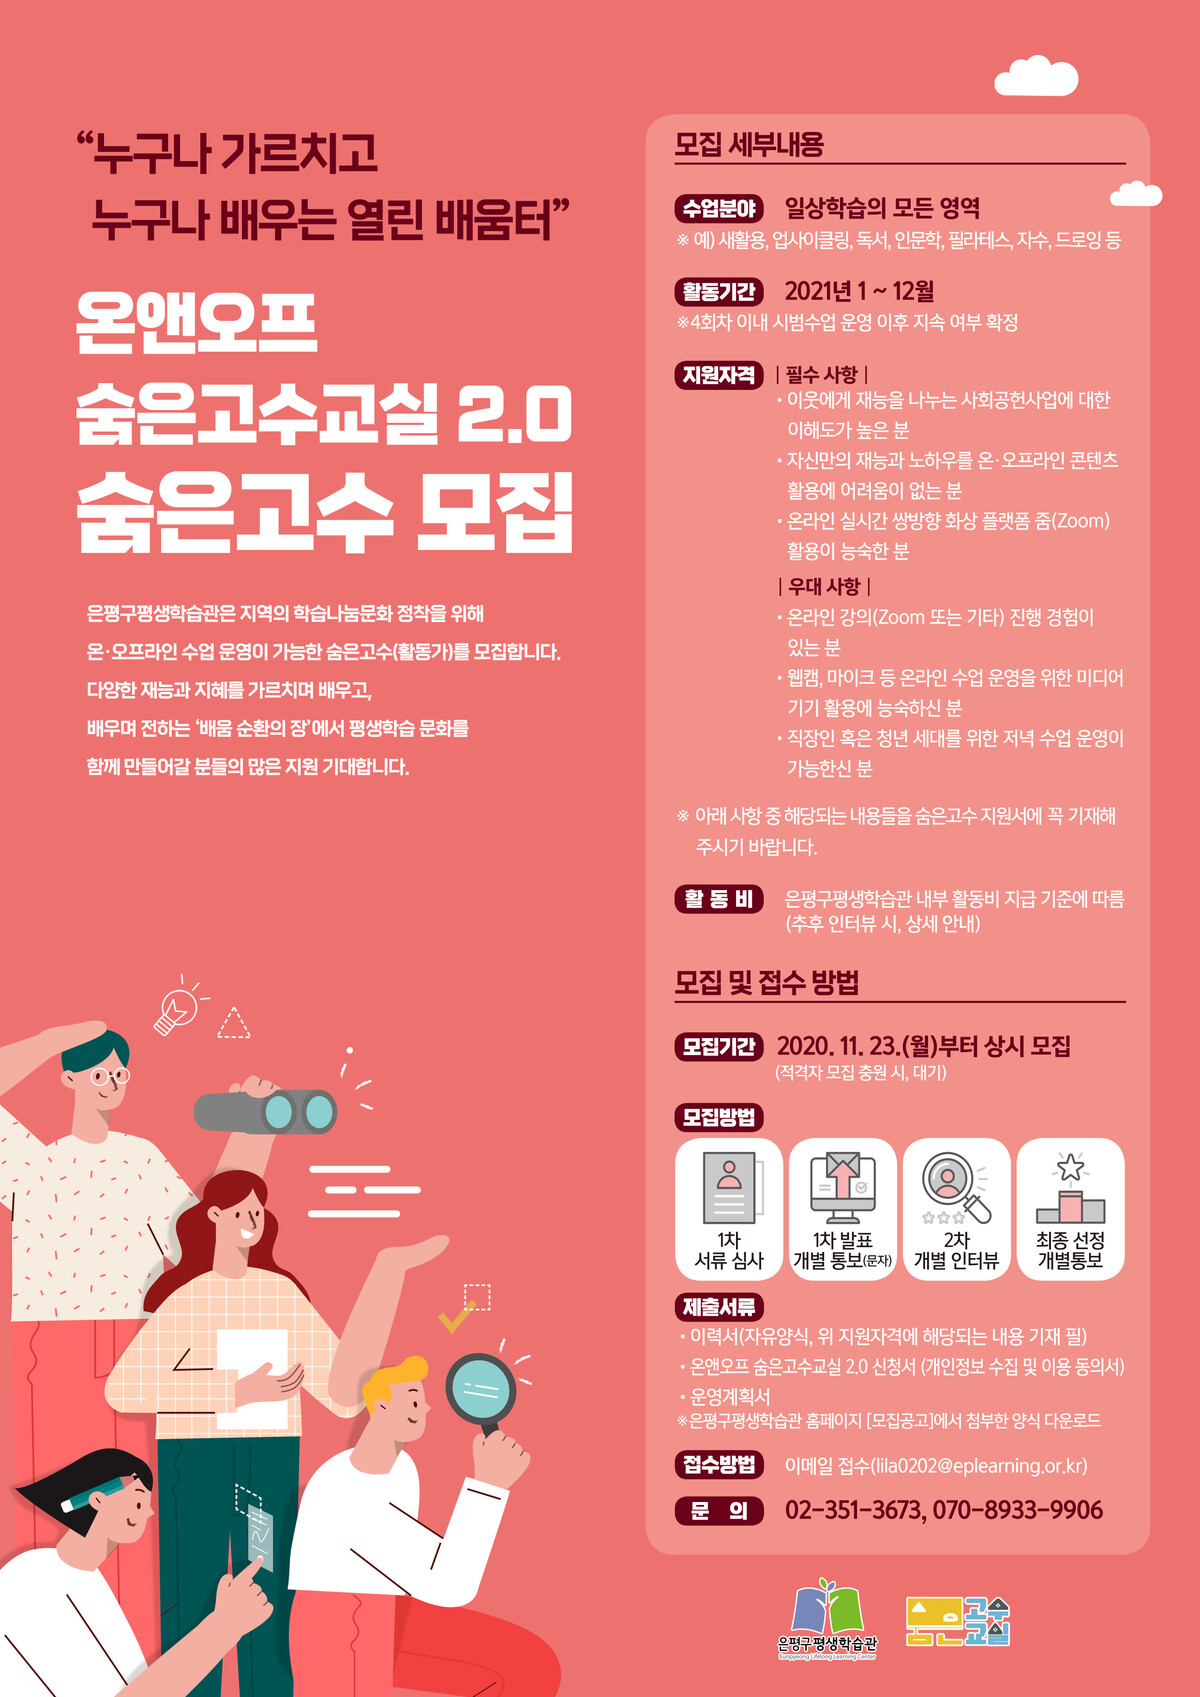 강남점_은평구평생학습관_온앤오프숨은고수모집공고 최종.jpg